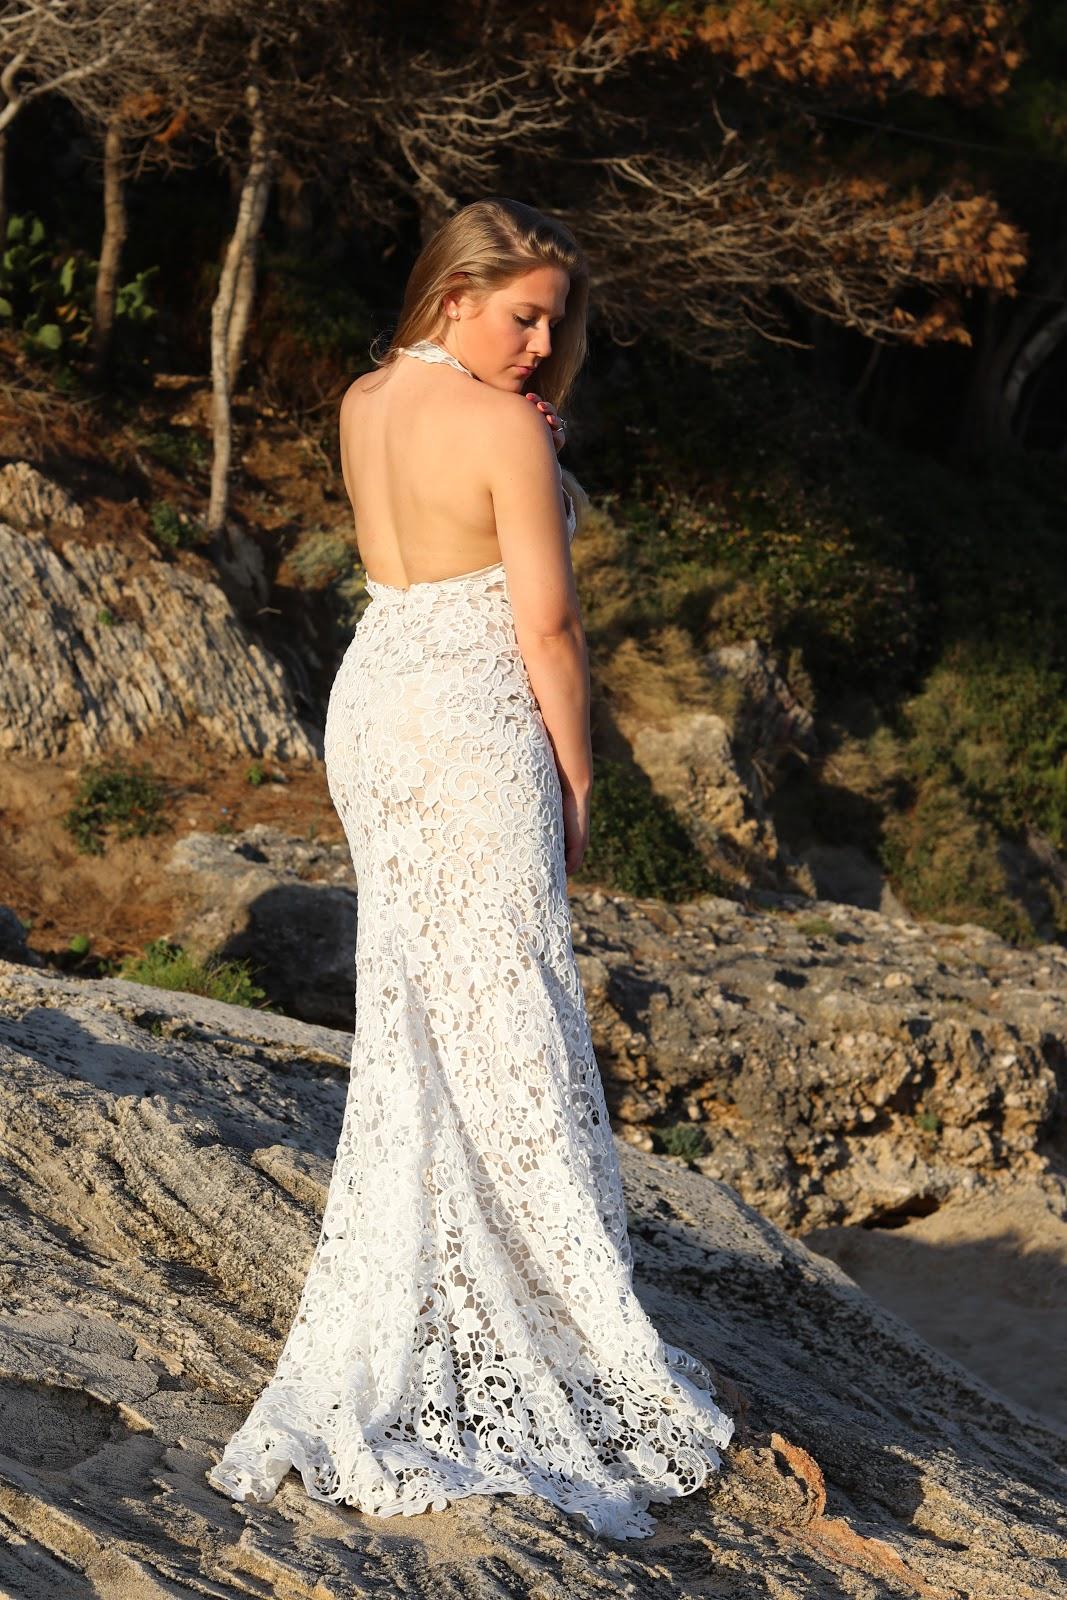 Katie Heath wearing Missguided Wedding Dress on the beach in Kefalonia, Greece